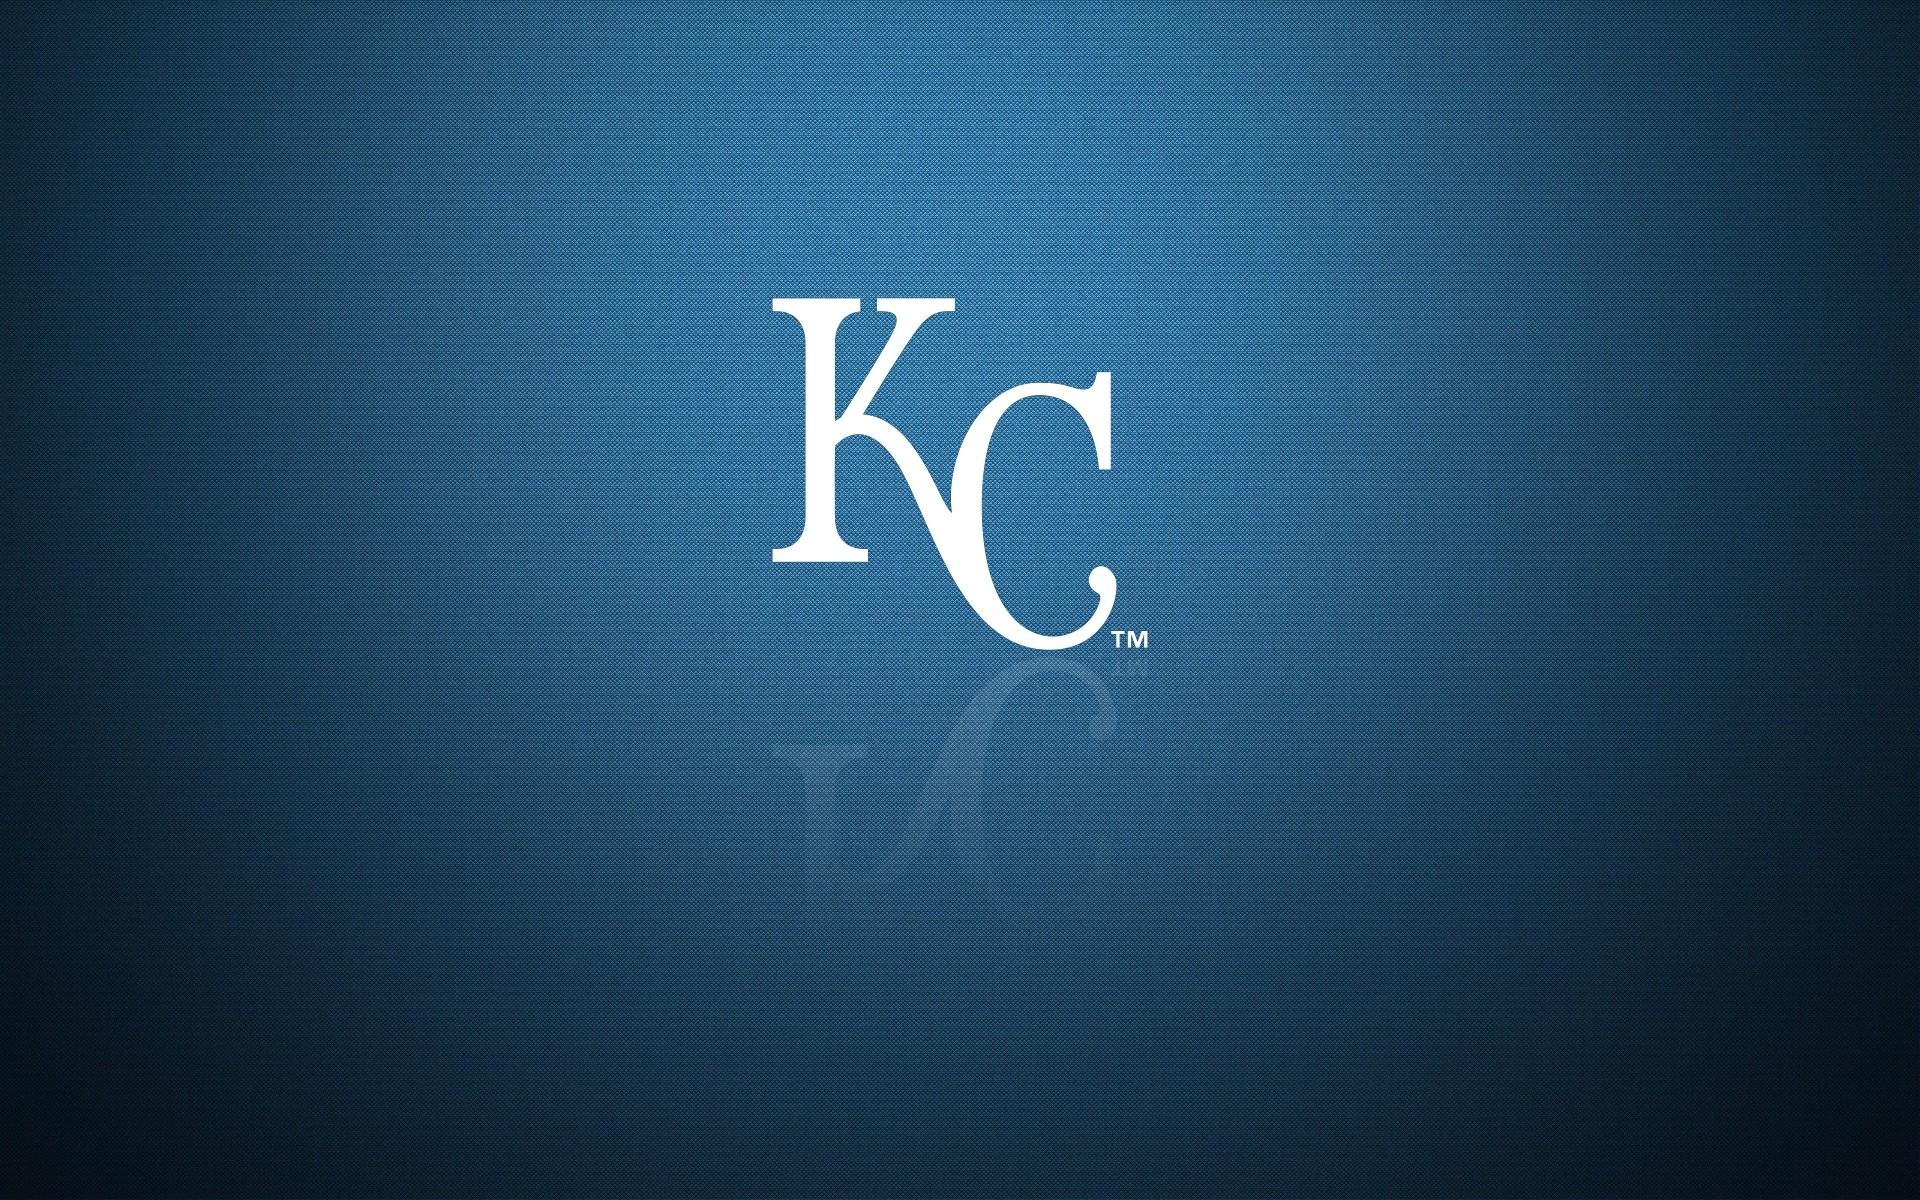 Kc Royals Logo Wallpaper 68 Images